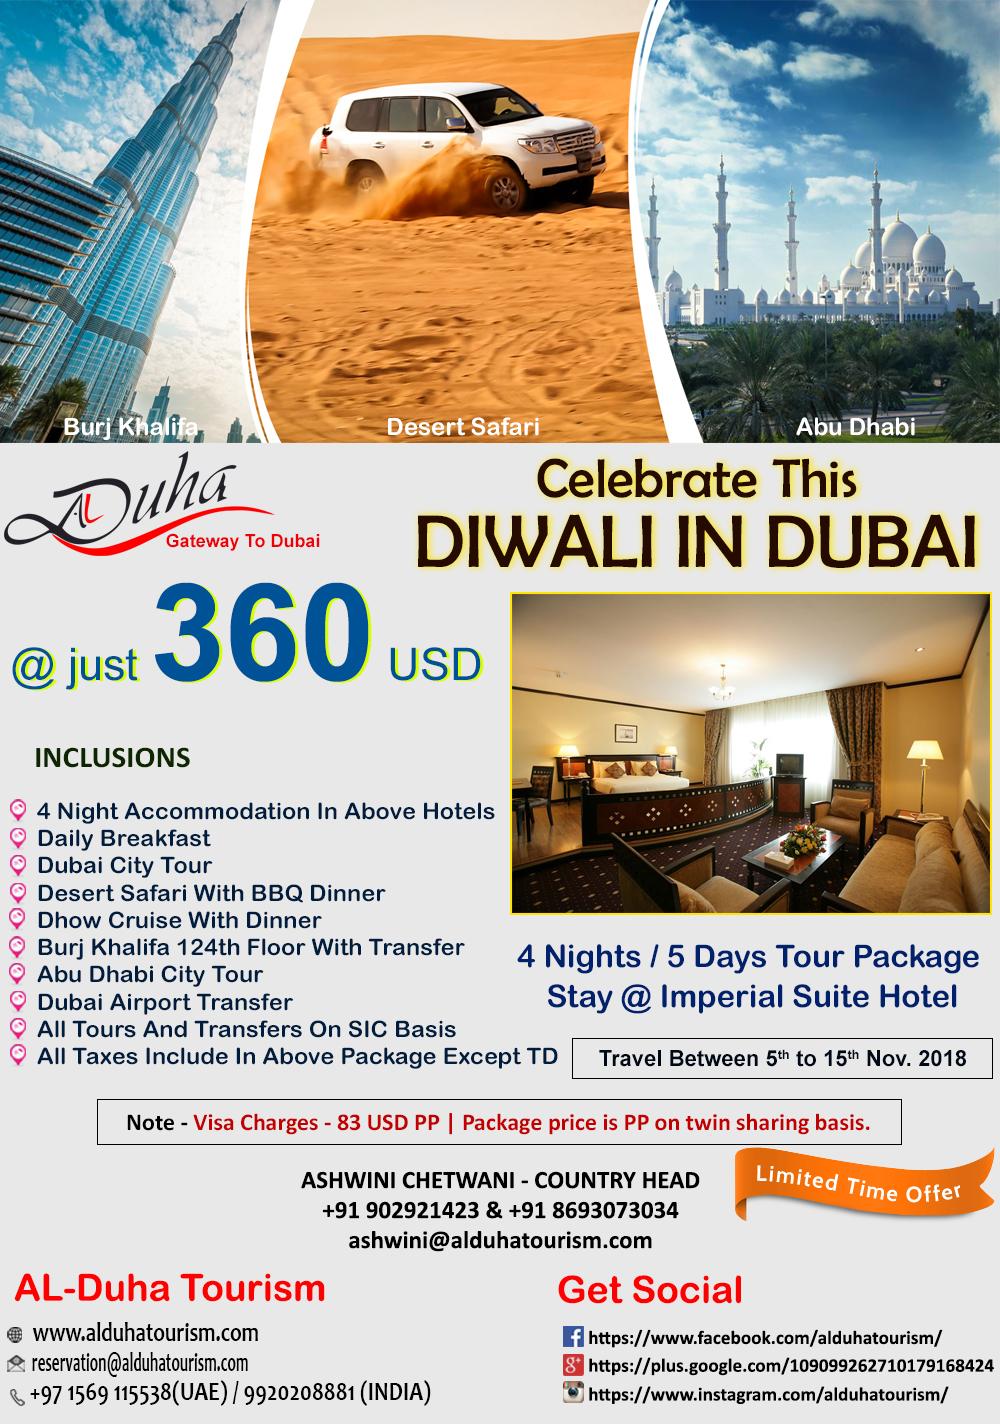 EXPLORE DUBAI WITH AL DUHA TOURISM